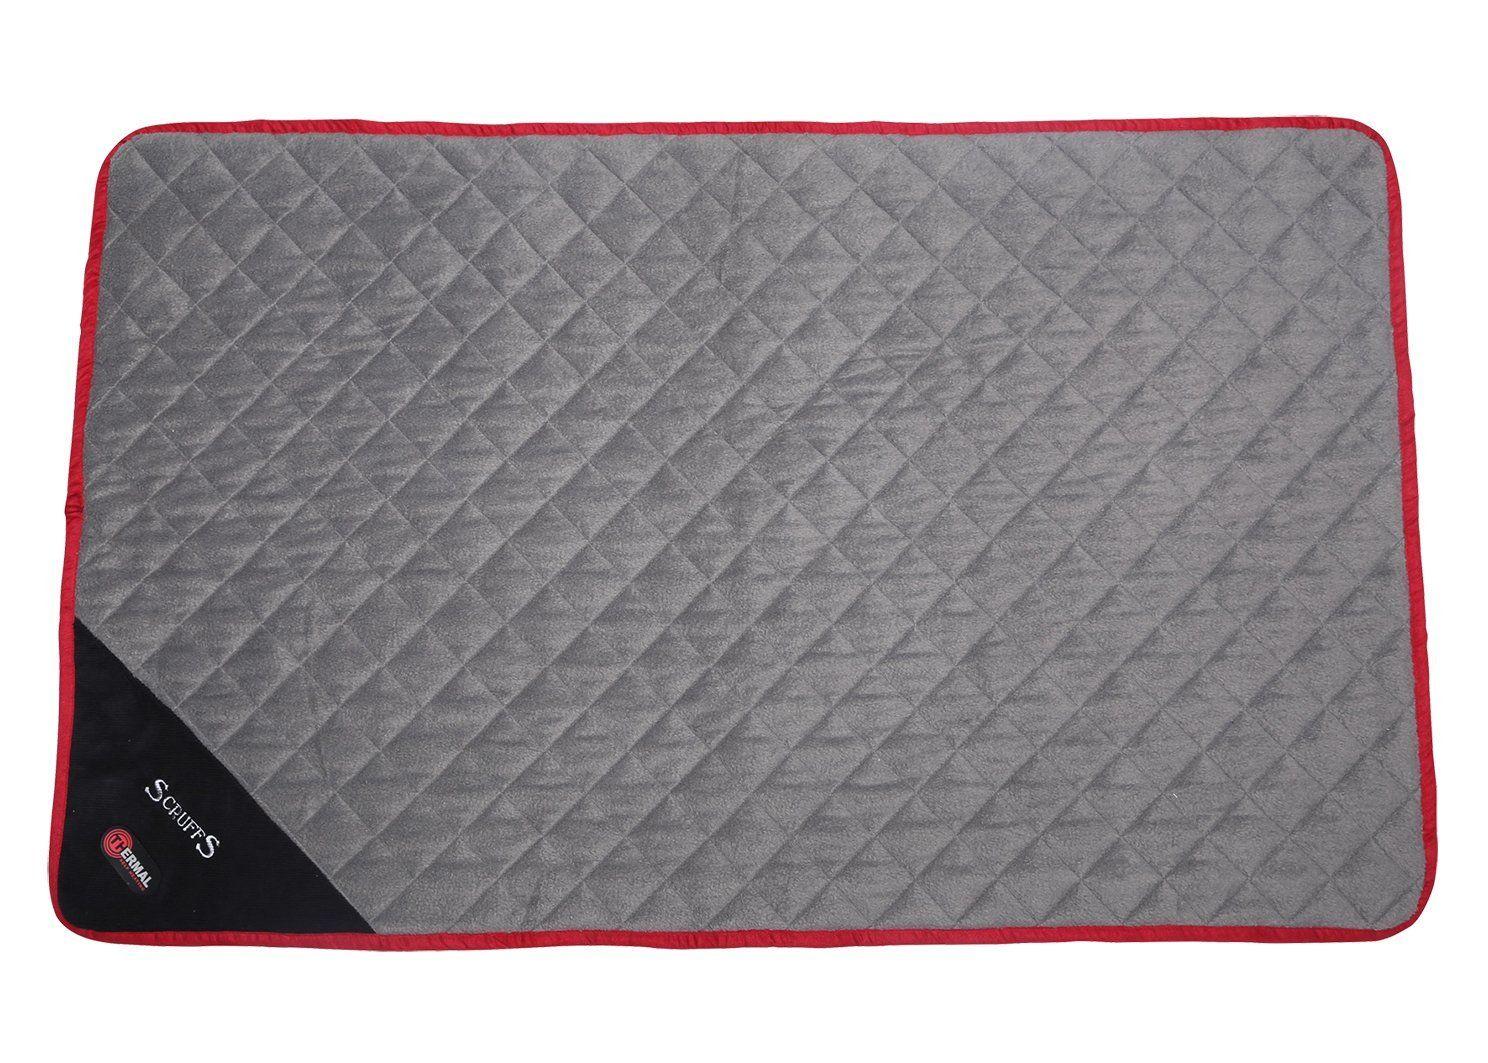 Scruffs Thermal Dog Mat Black XL 120 x75 cm >>> Check this